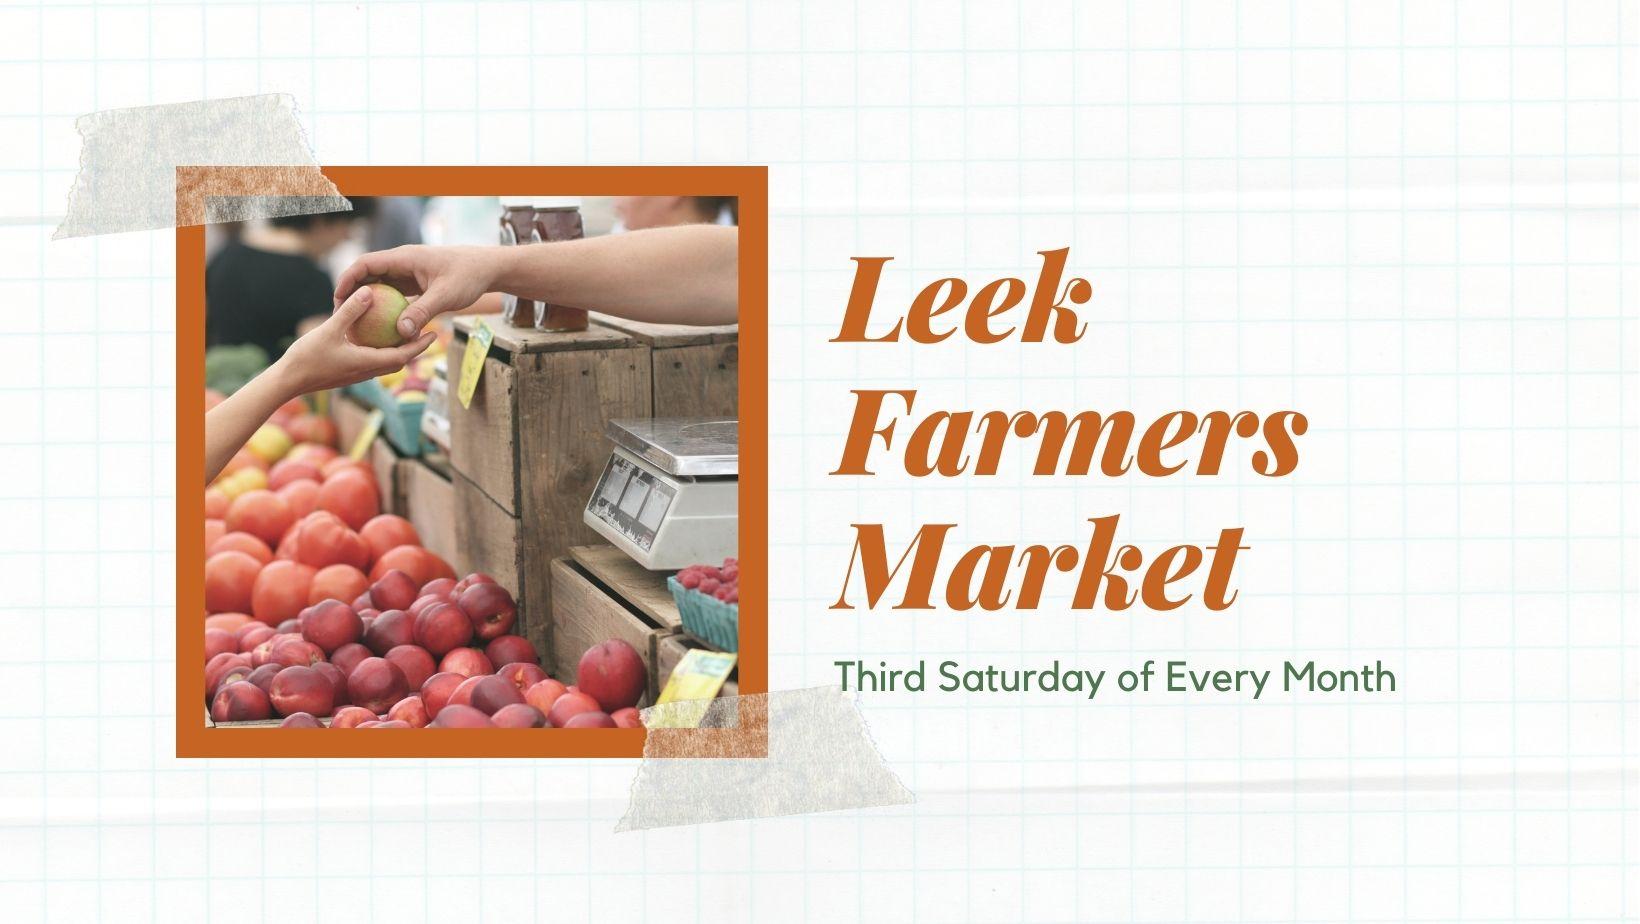 Leek Farmers Market